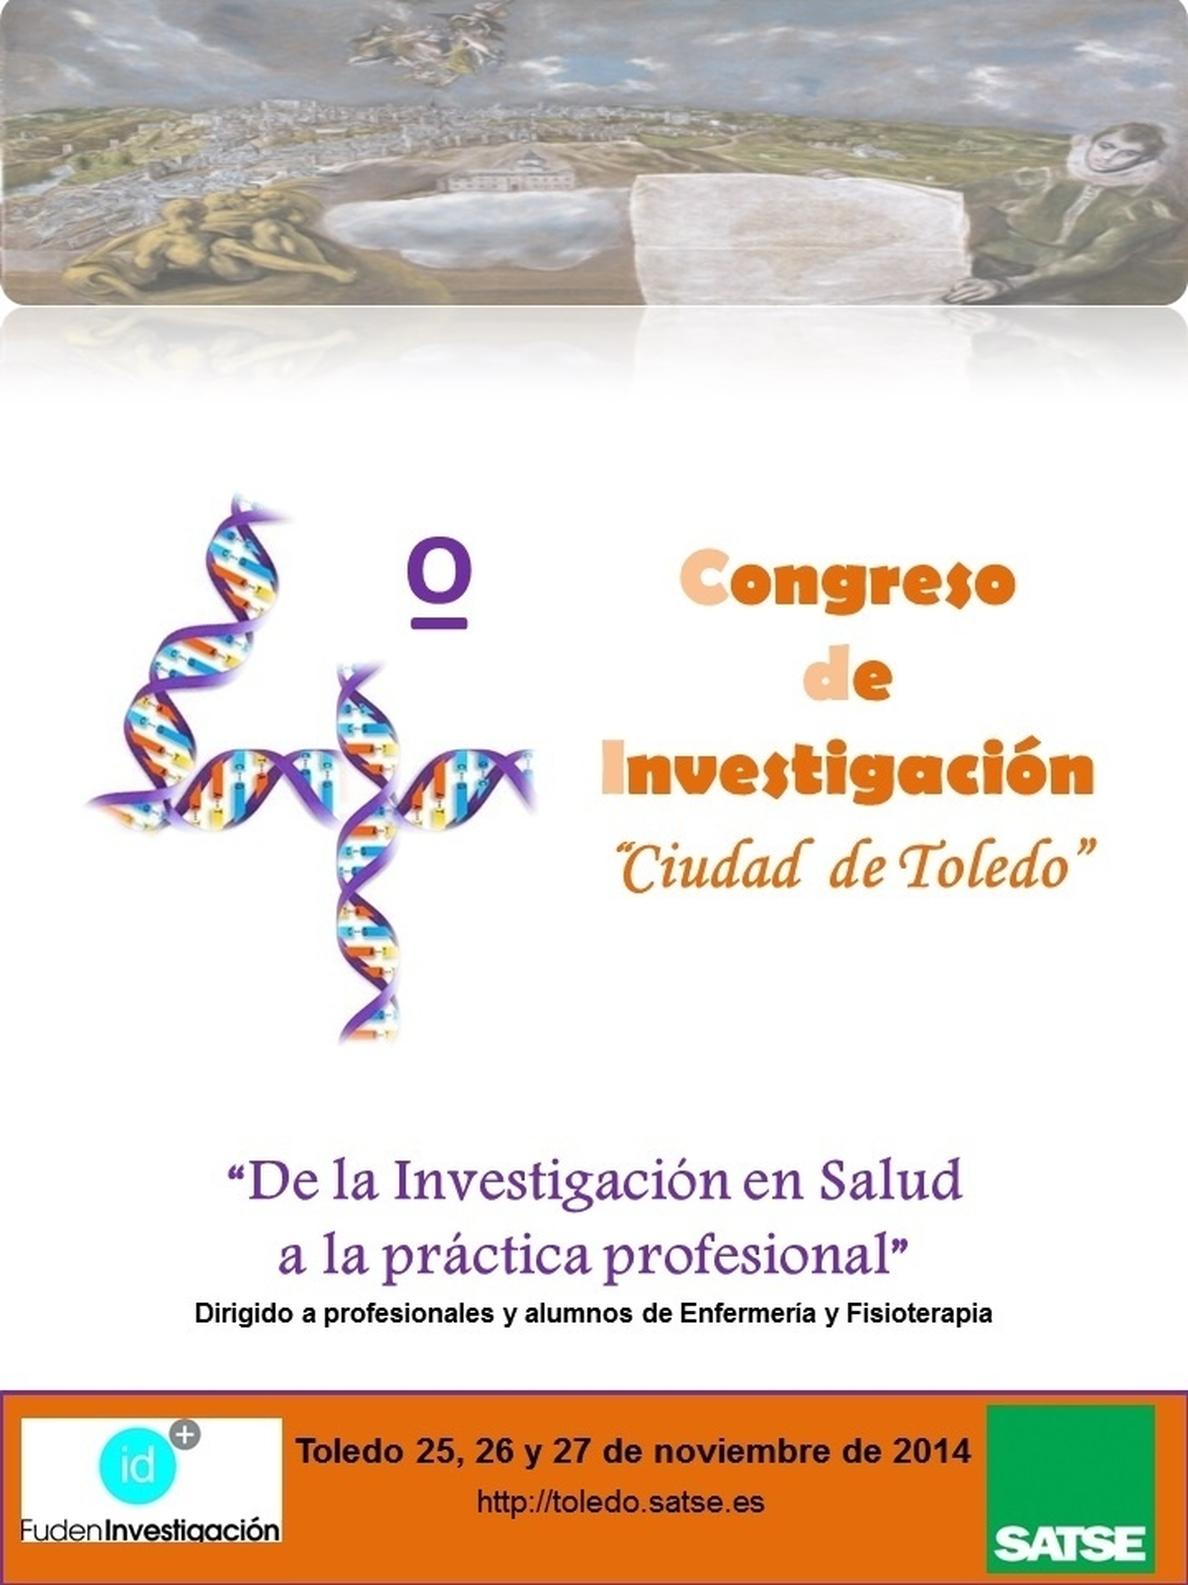 Abierto el plazo de inscripción para el IV Congreso de Investigación »Ciudad de Toledo» organizado por Satse y Funden